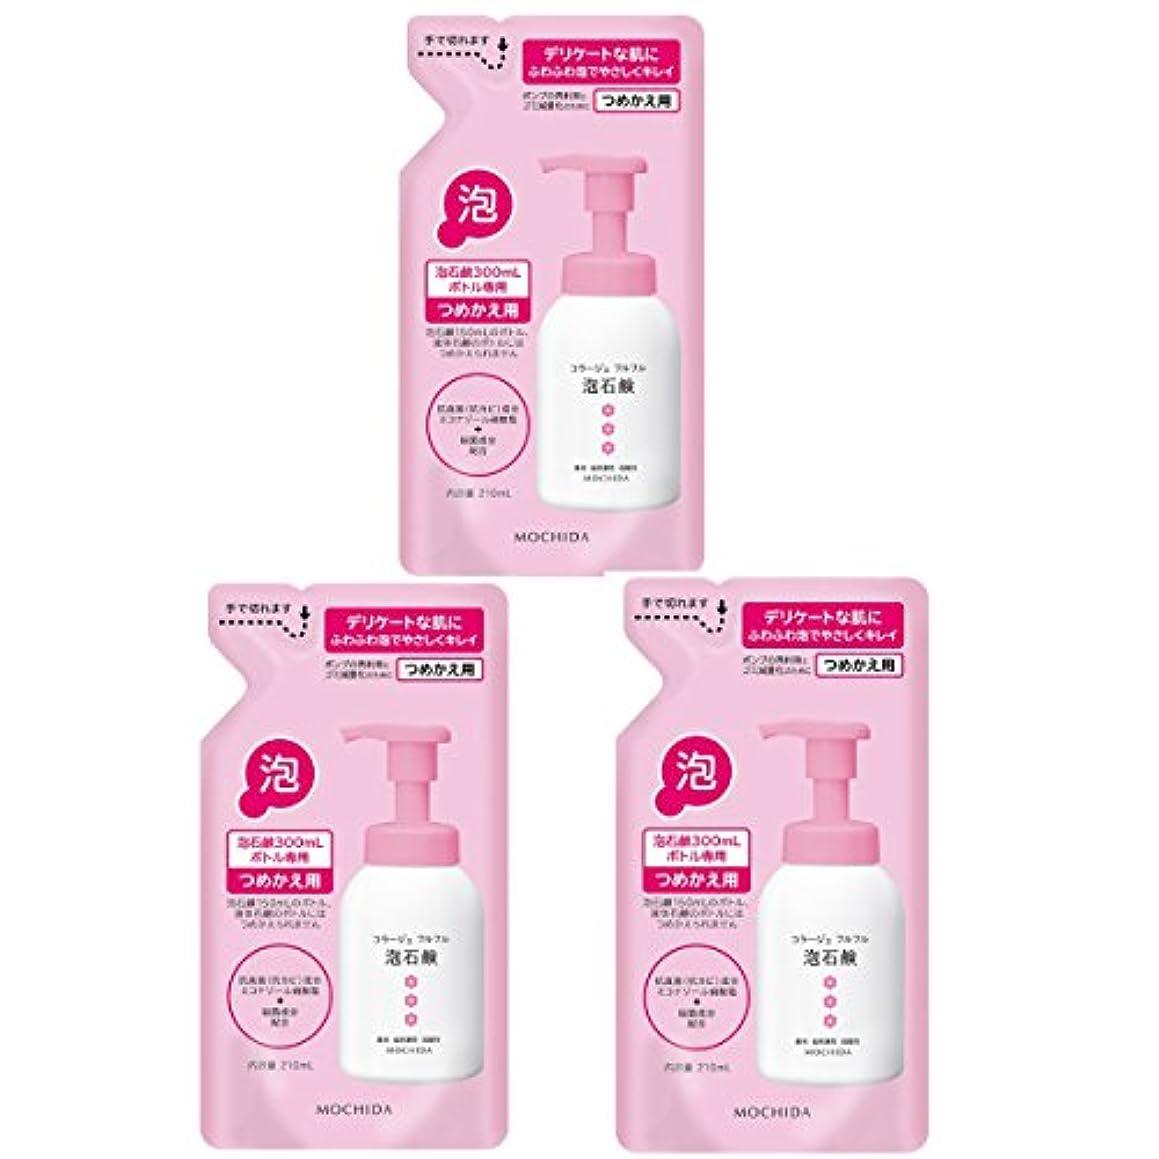 裁定撤回する利益コラージュフルフル 泡石鹸 ピンク つめかえ用 210mL (医薬部外品)×3